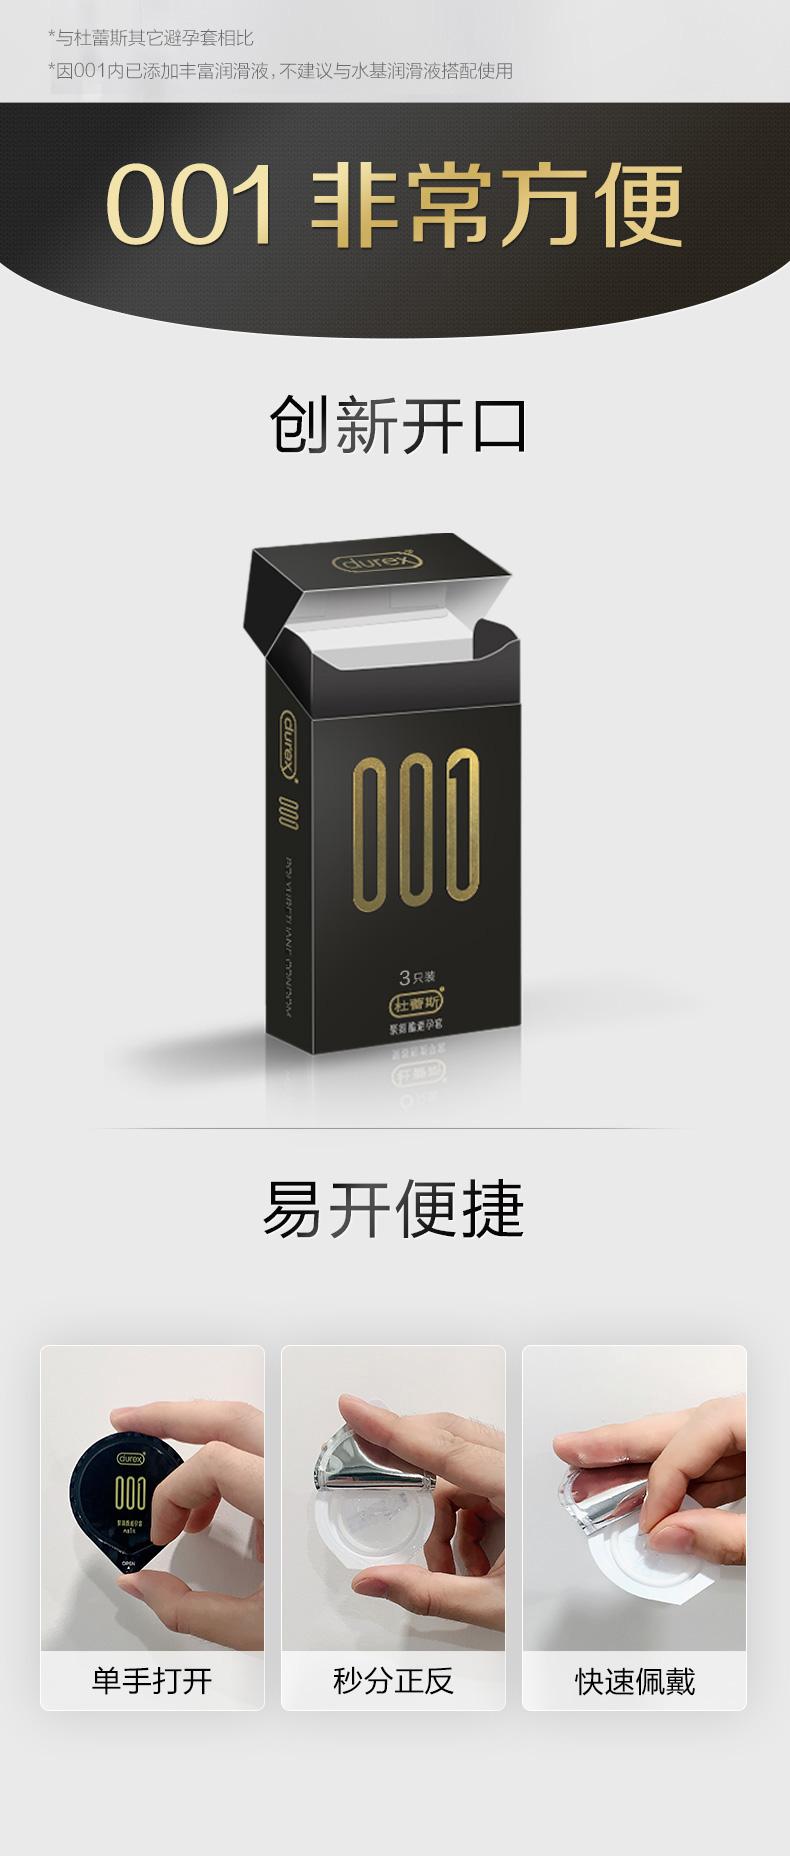 杜蕾斯旗下最薄 001聚氨酯避孕套 3只装 图9